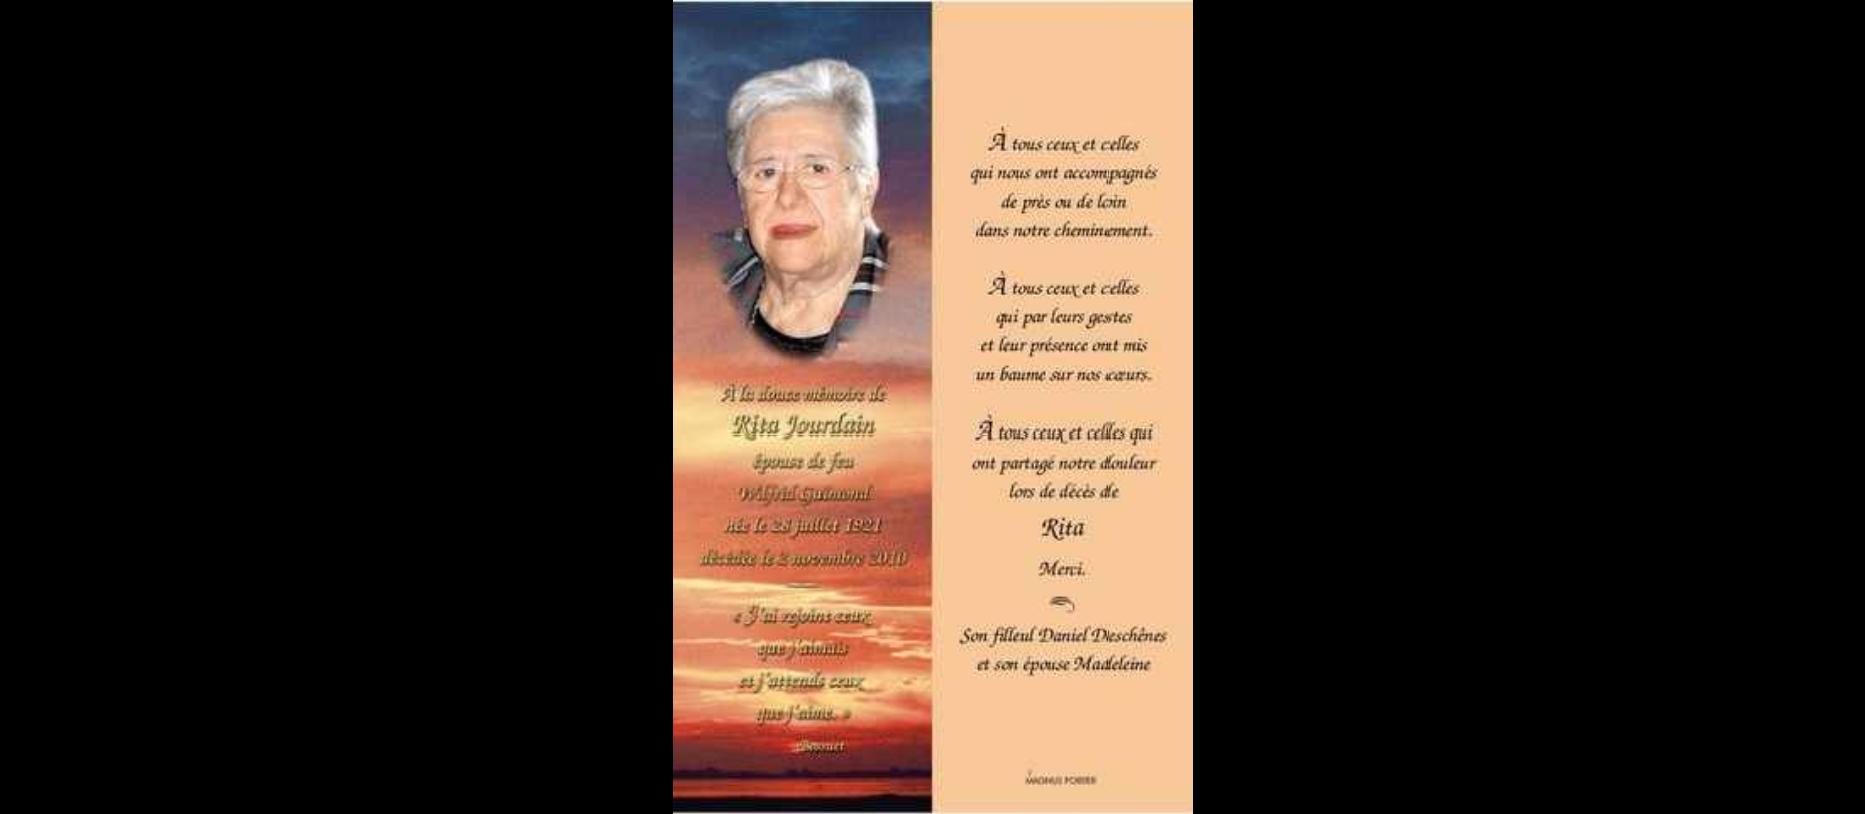 Rita Jourdain 1921-2010